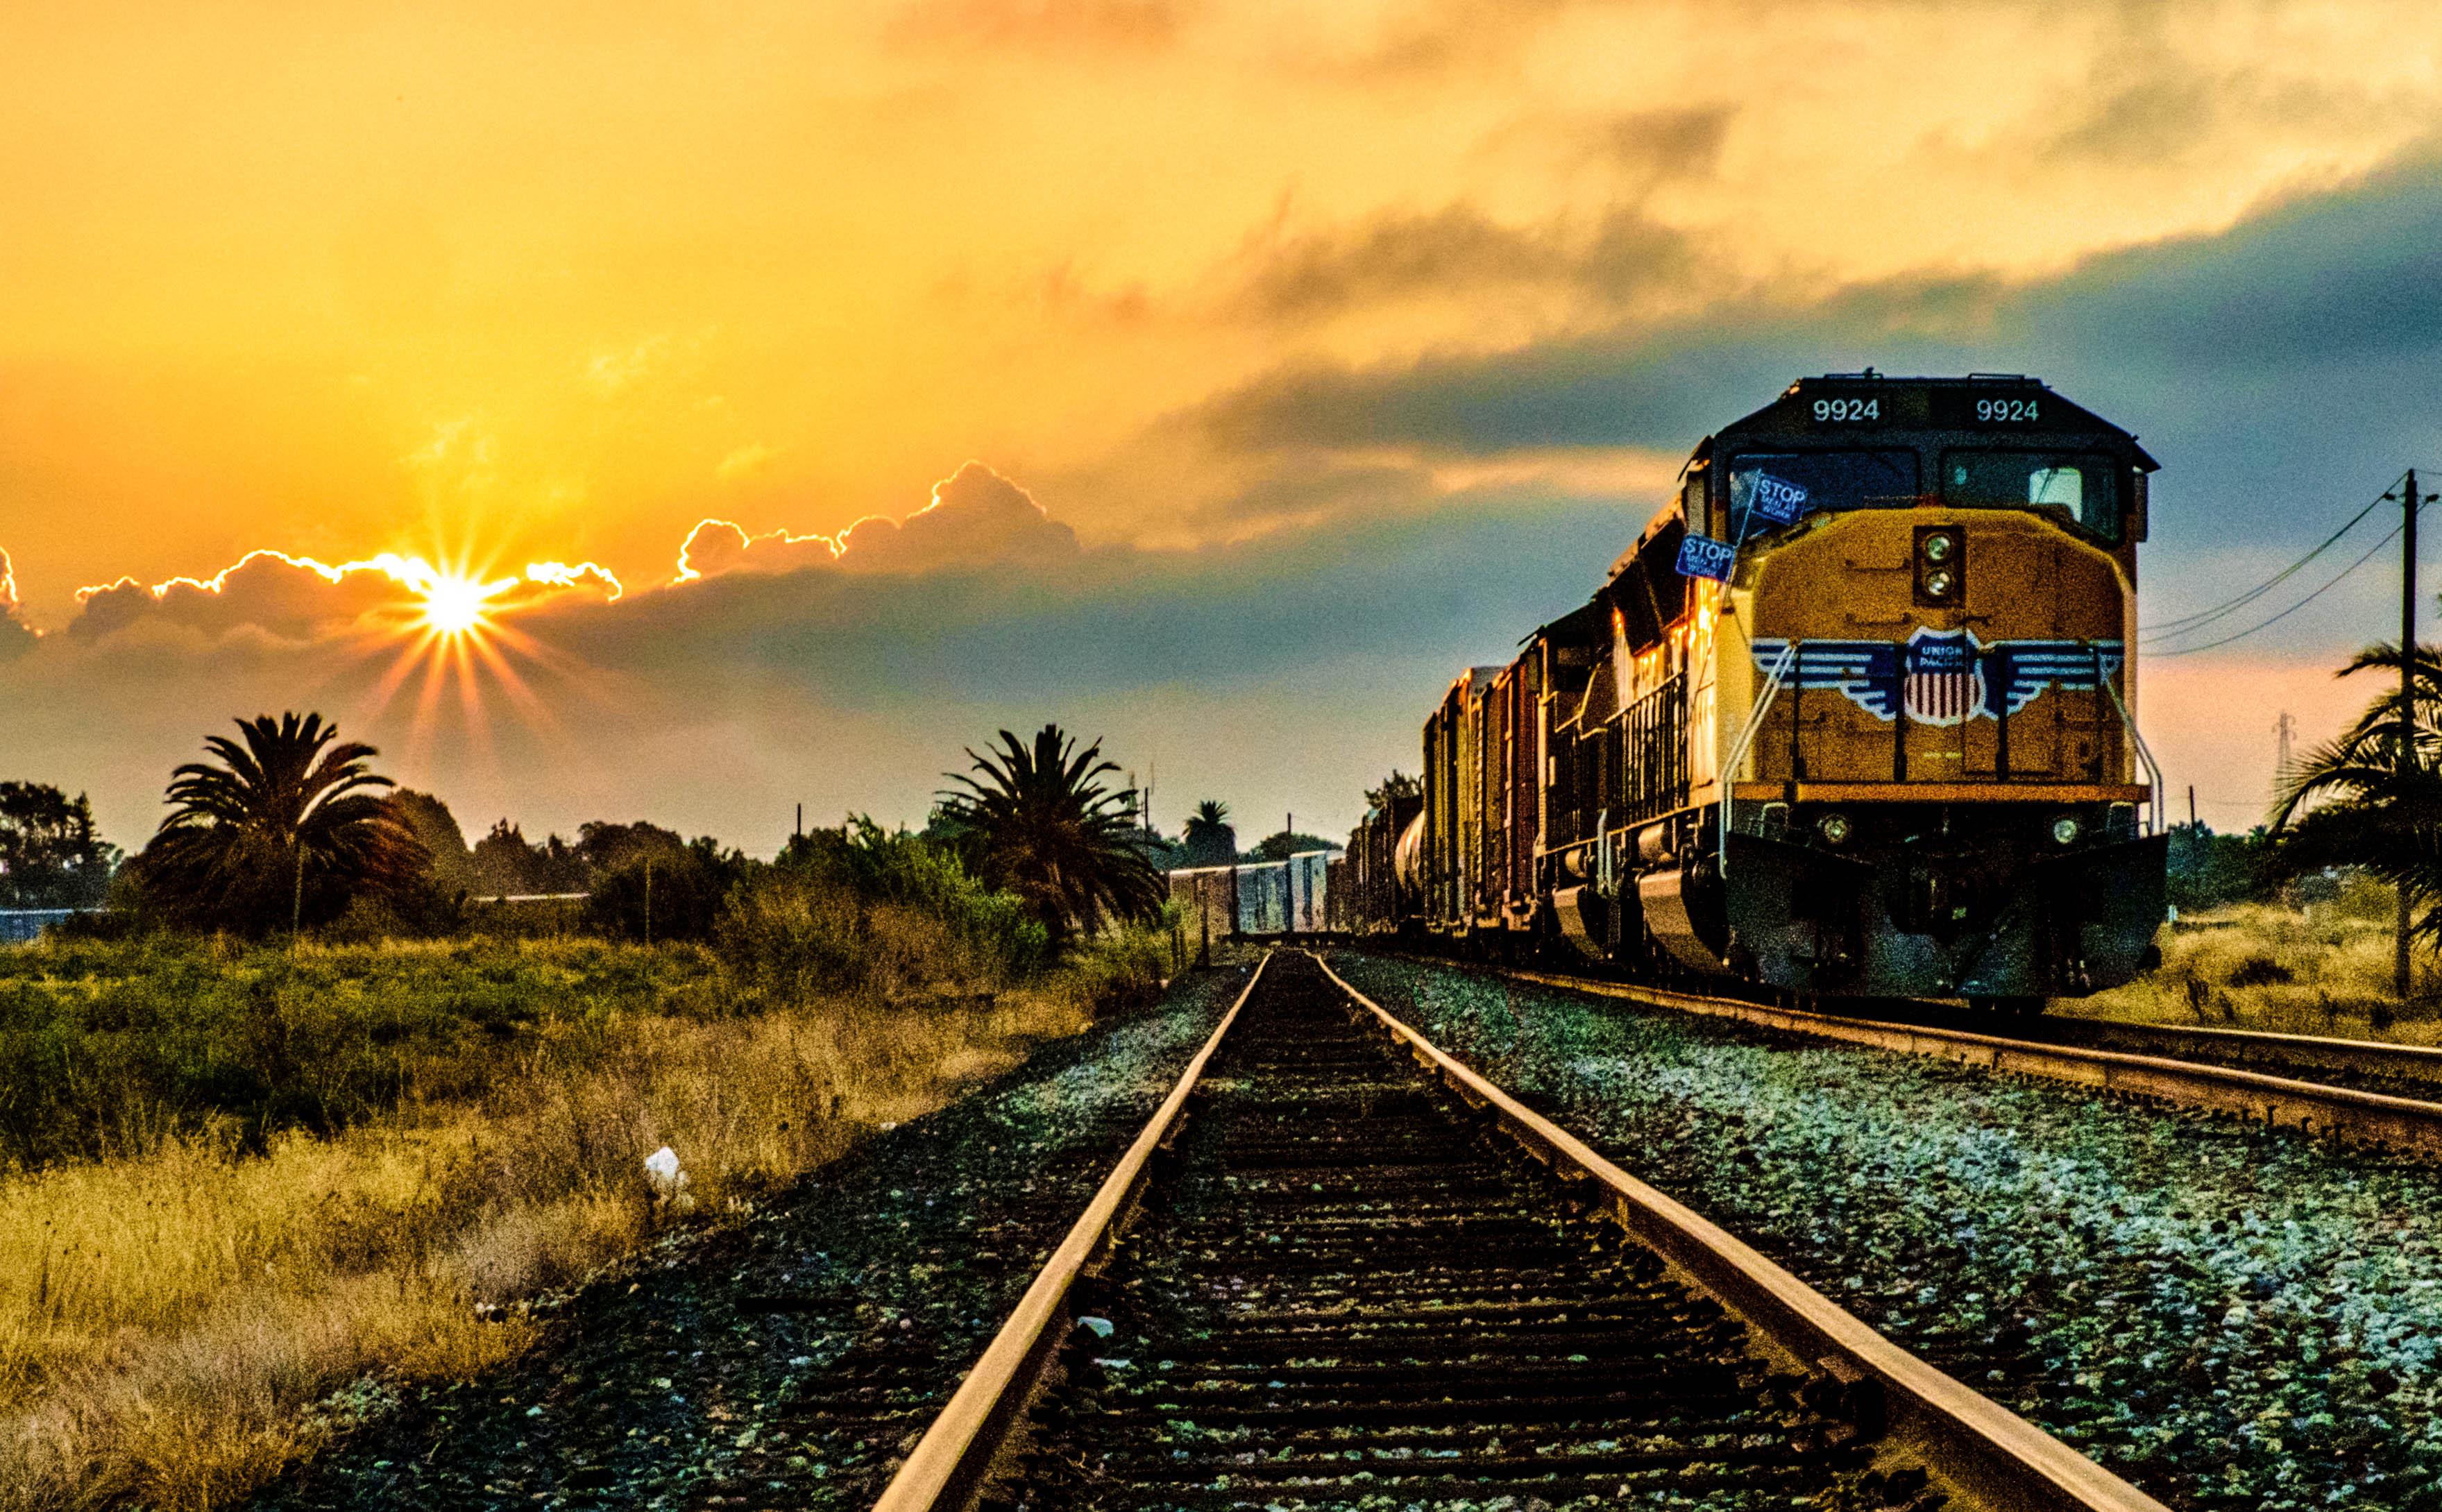 красивые картинки про поезд успел